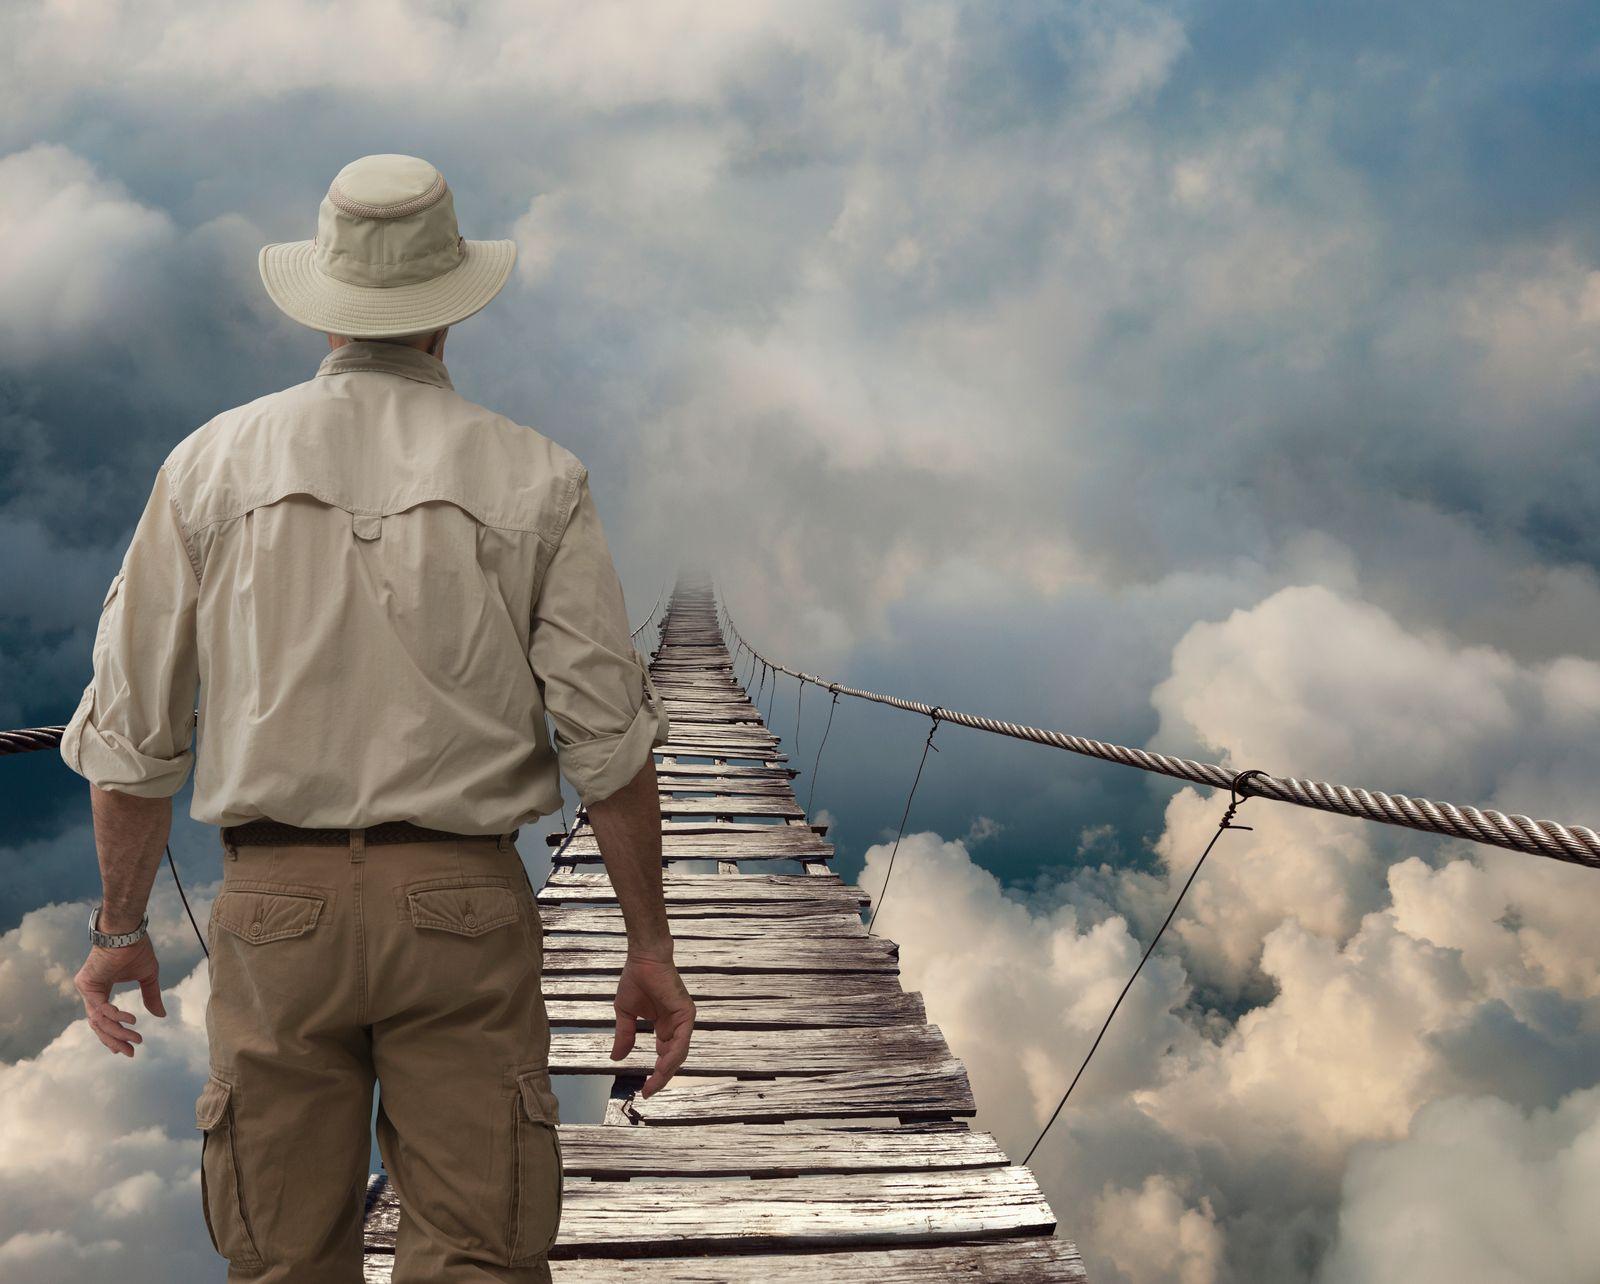 Caucasian explorer examining wooden rope bridge in clouds